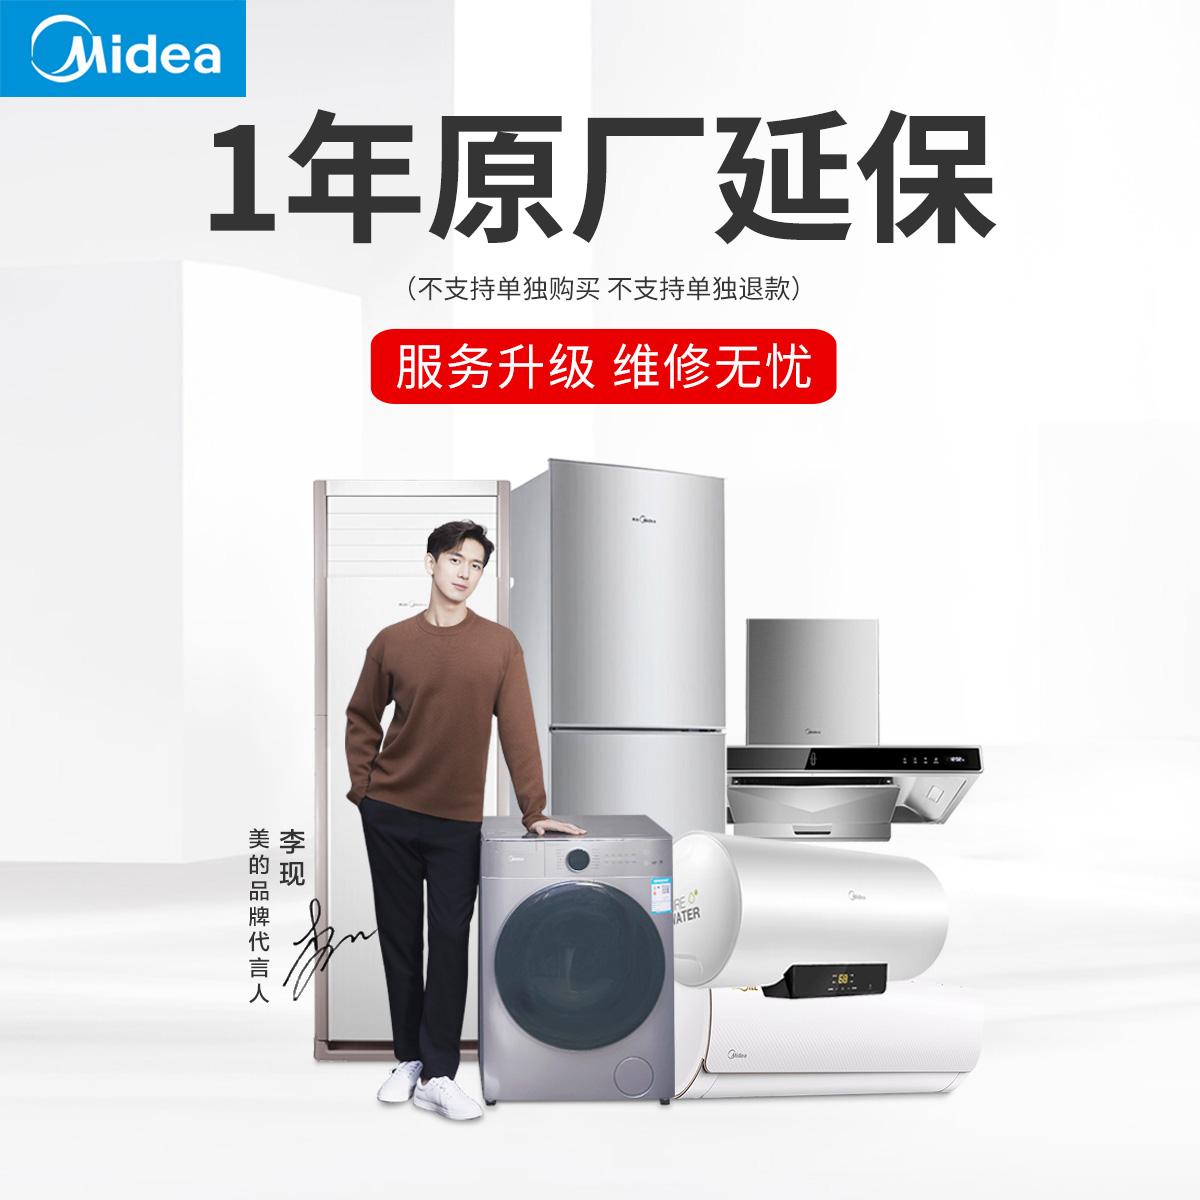 Midea/美的 热水器全拆延保服务 说明书.pdf